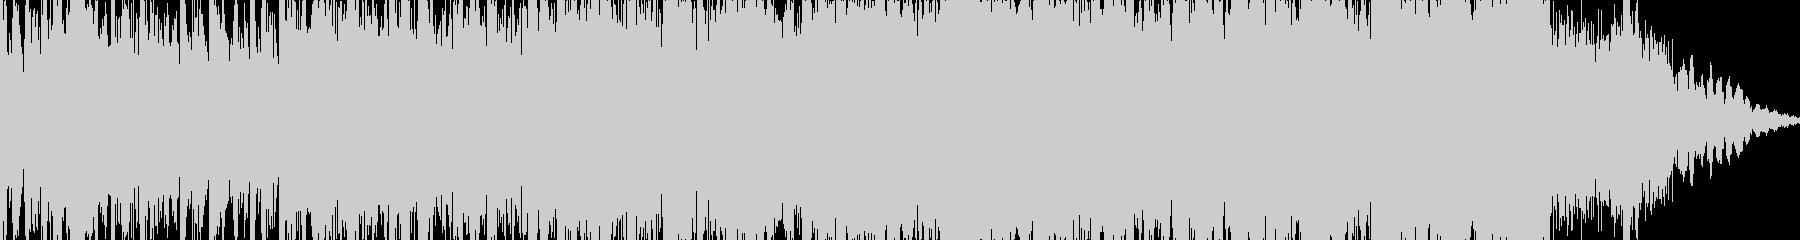 映画・ゲーム用バトルBGM3の未再生の波形